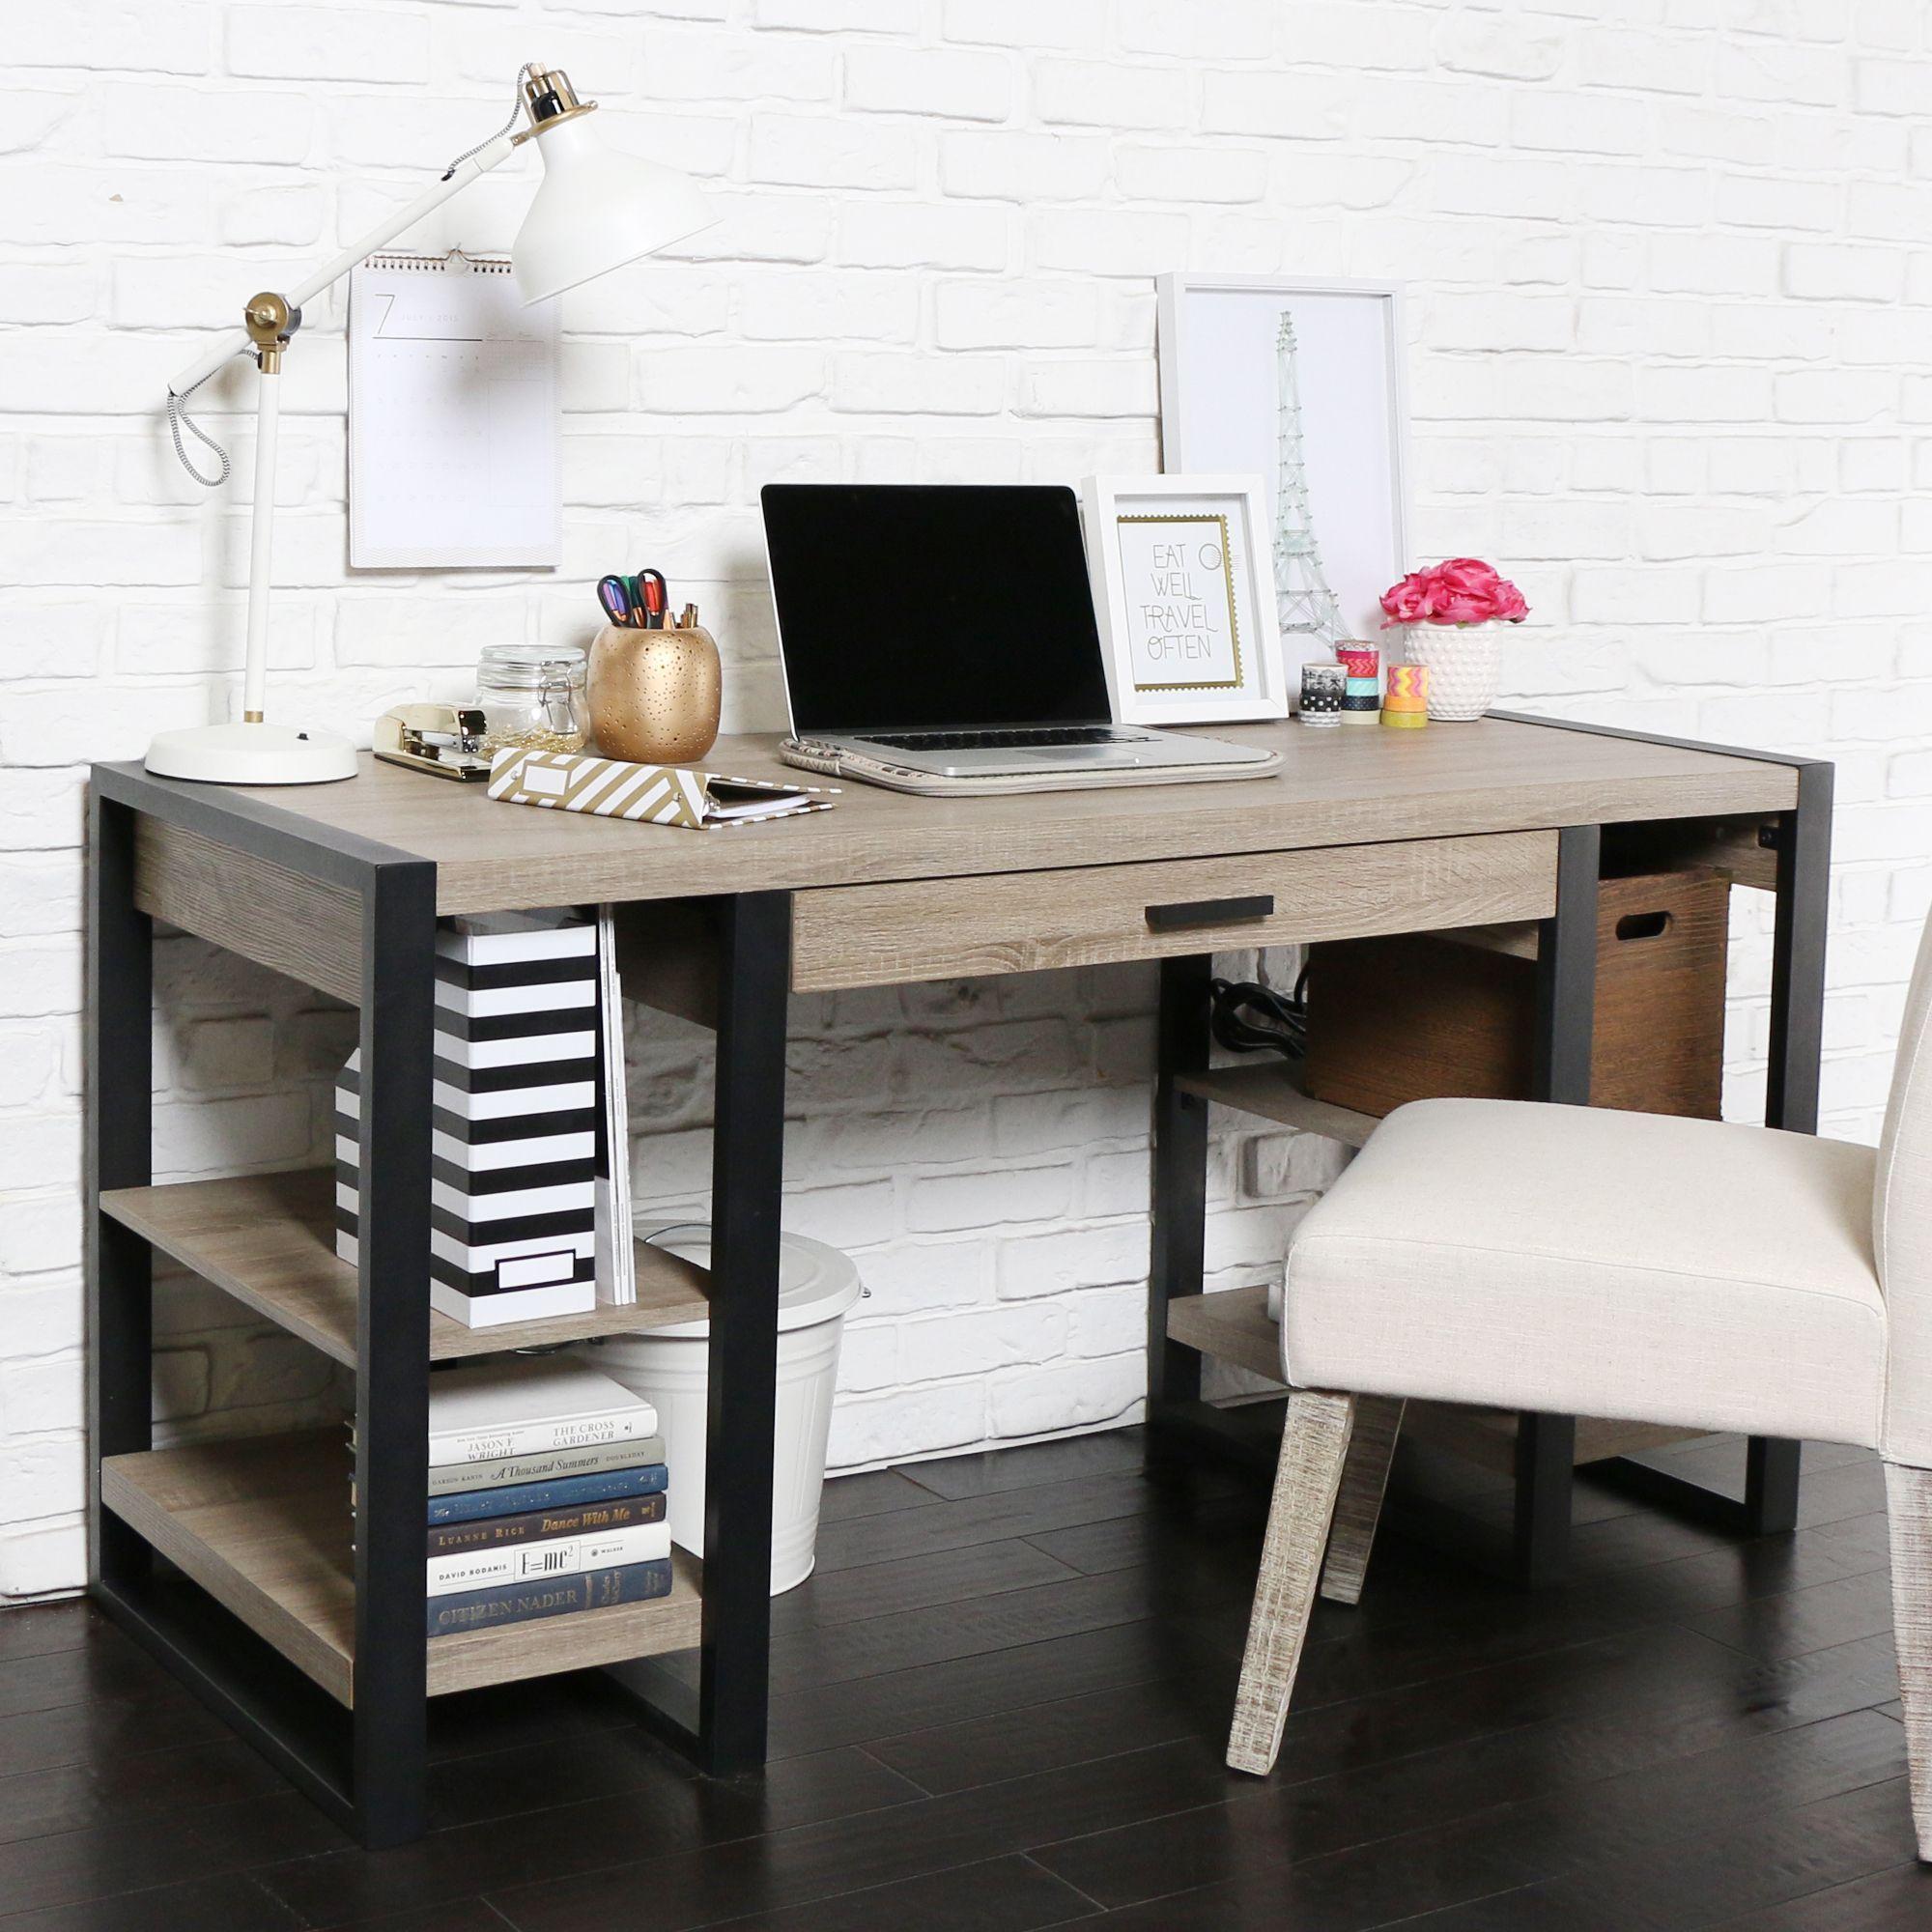 60 Inch Driftwood Urban Blend Computer Storage Desk Home Office Furniture Home Office Storage Home Office Design